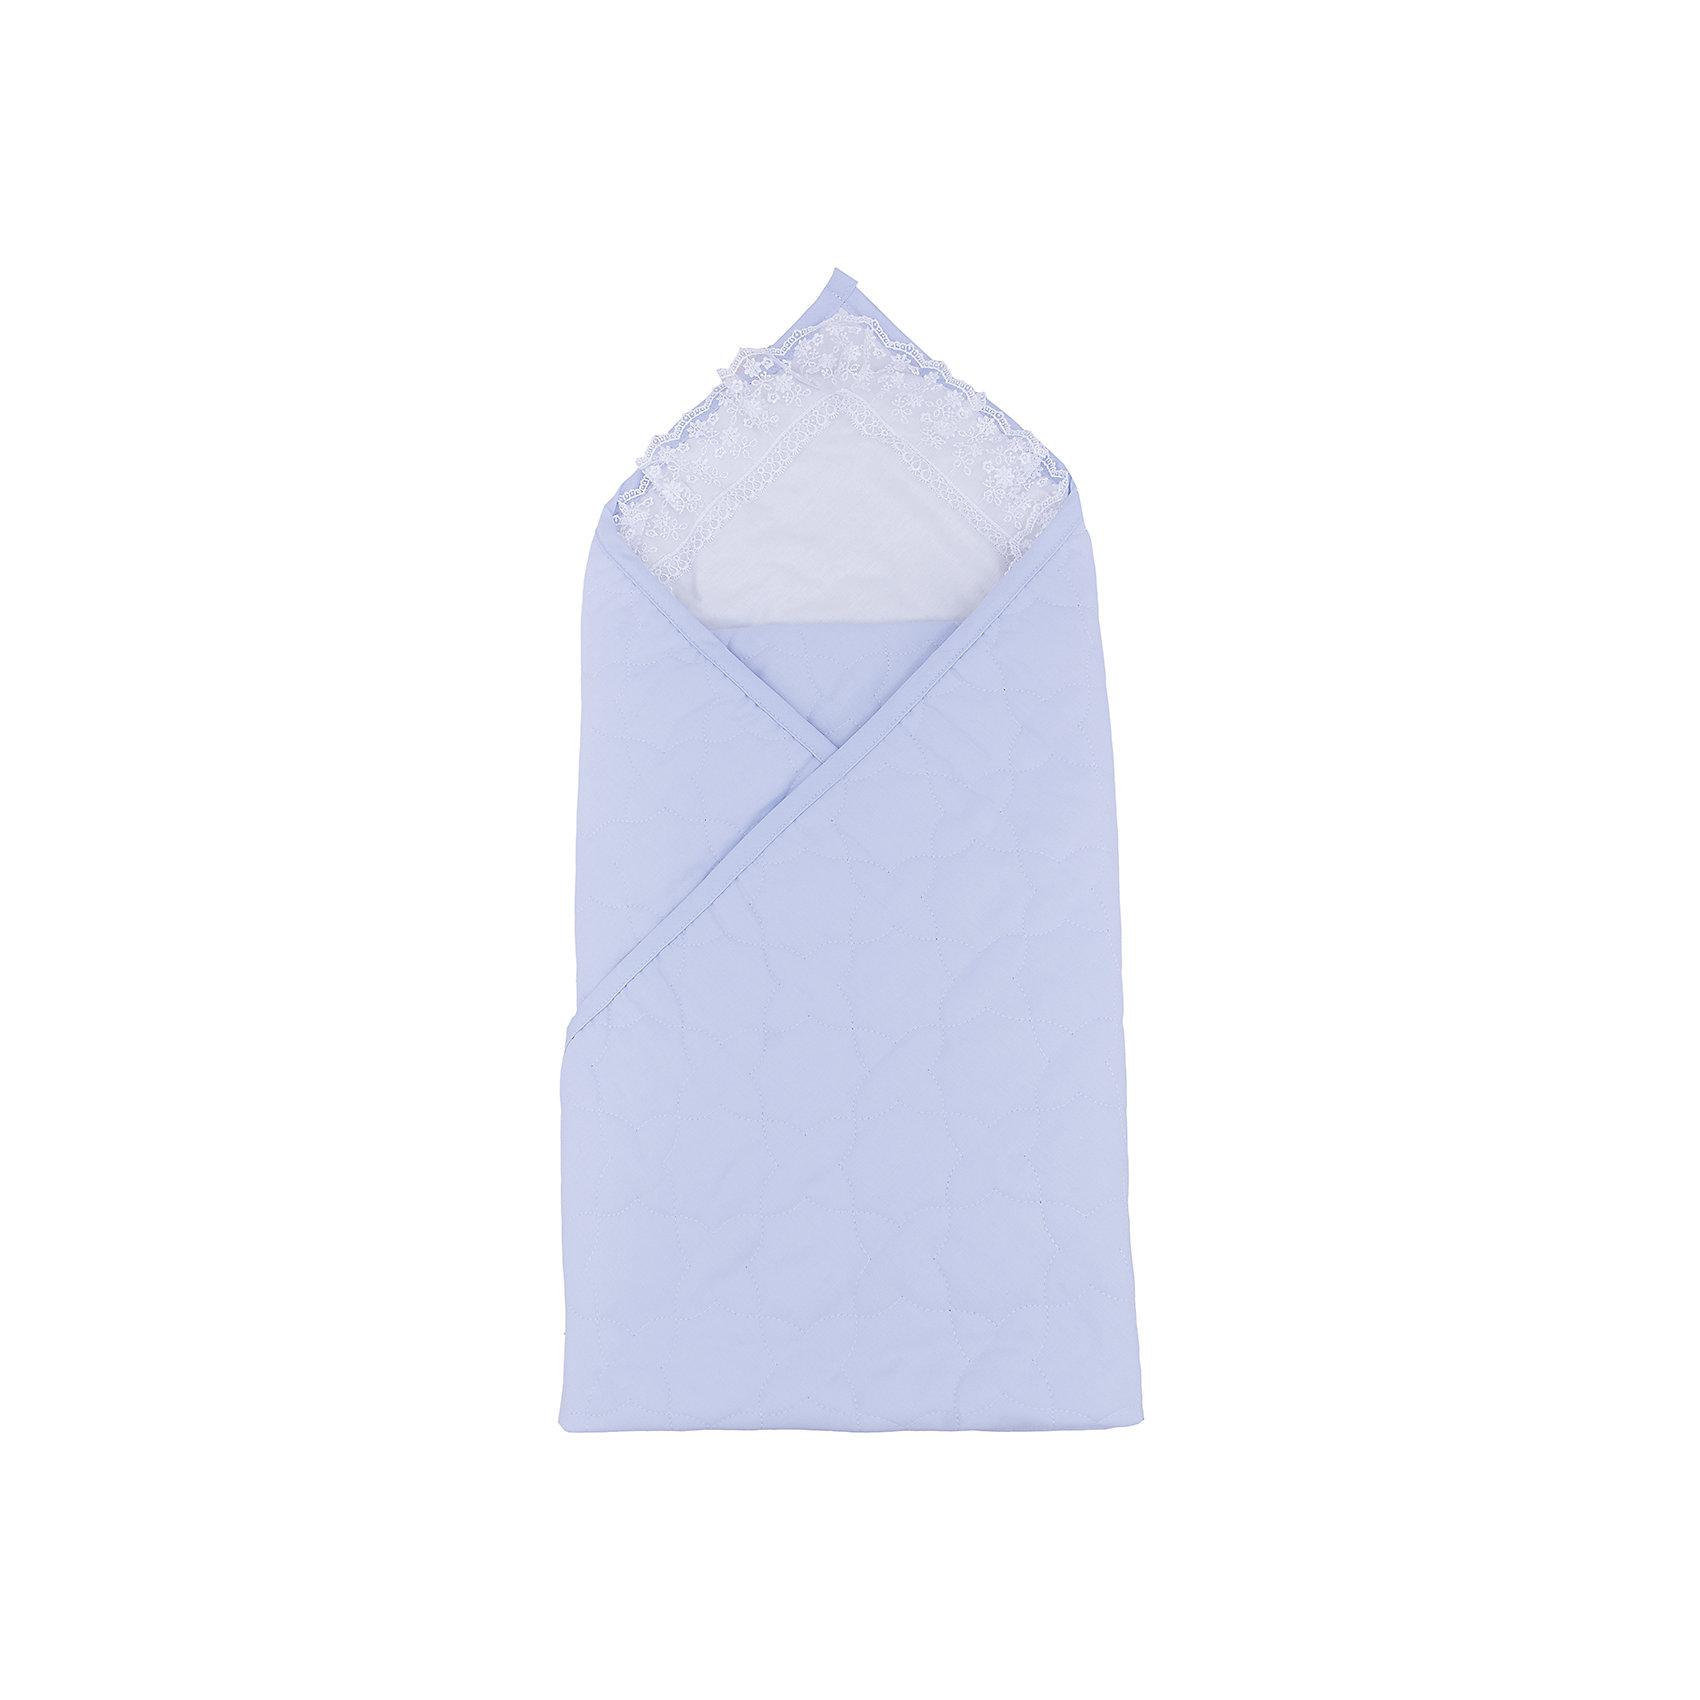 Сонный гномик Конверт-одеяло на выписку Ласточка Сонный гномик, голубой сонный гномик конверт на выписку снежная сказка голубой